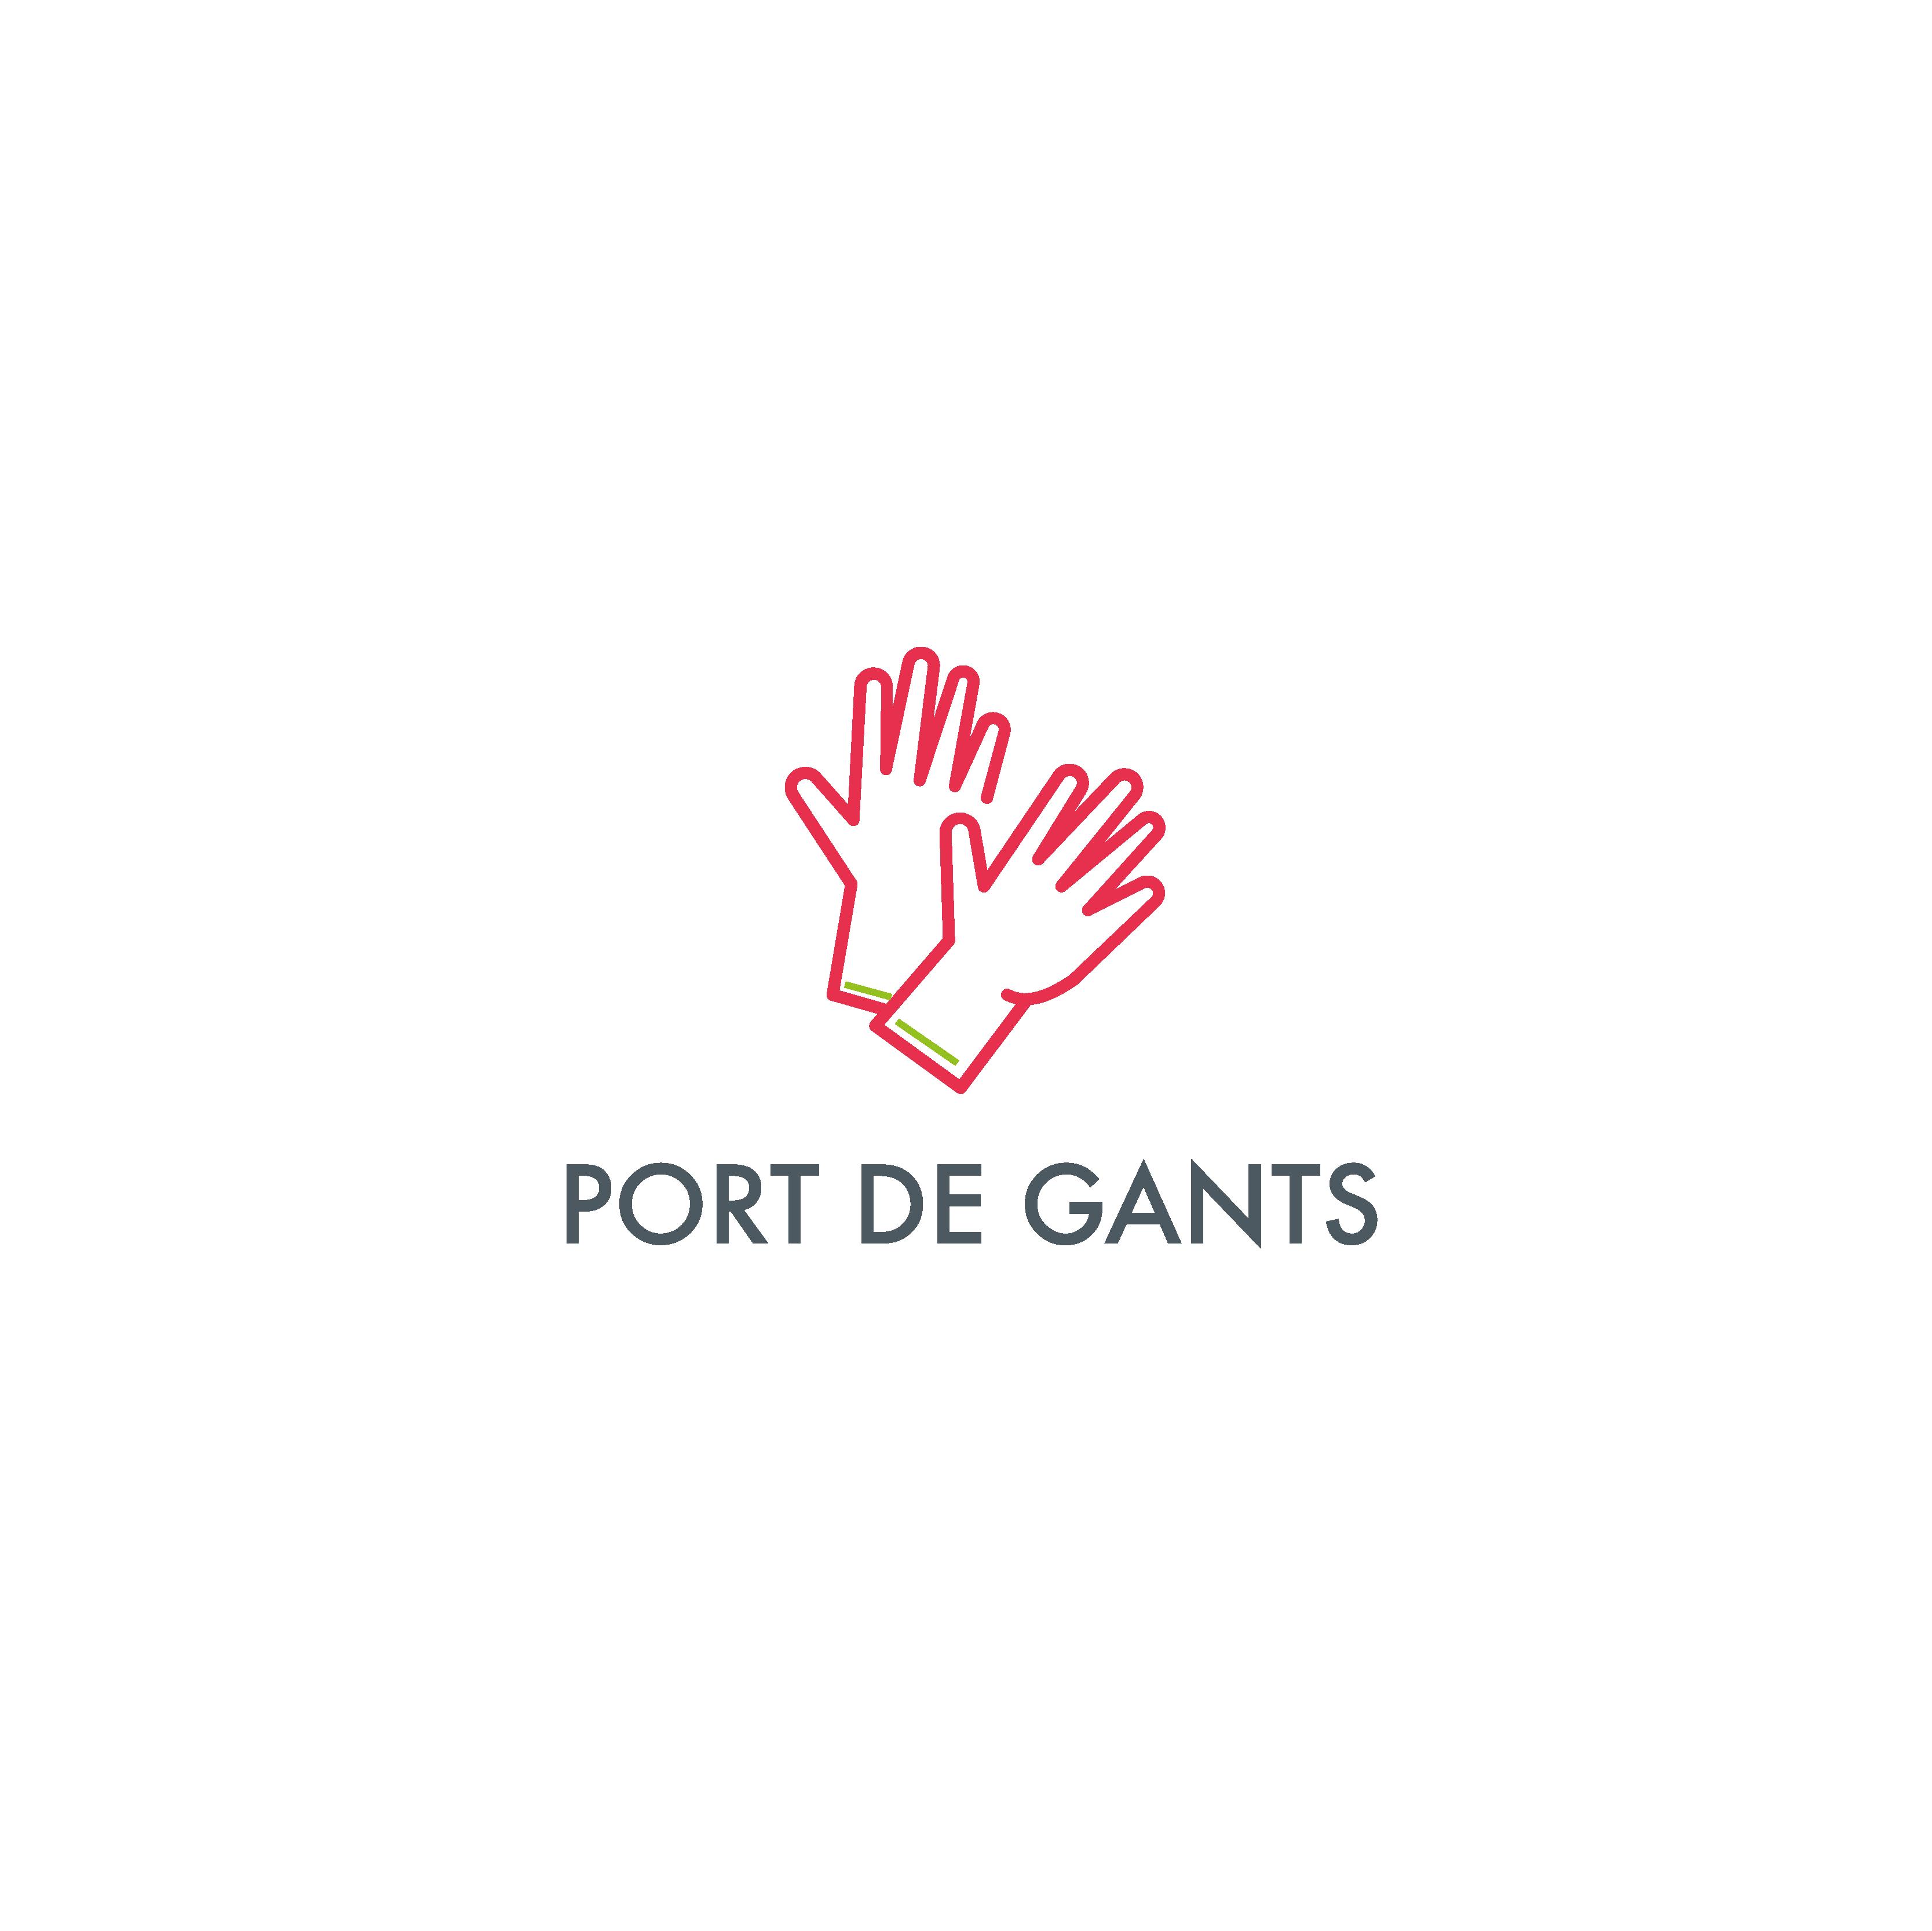 Port de gants